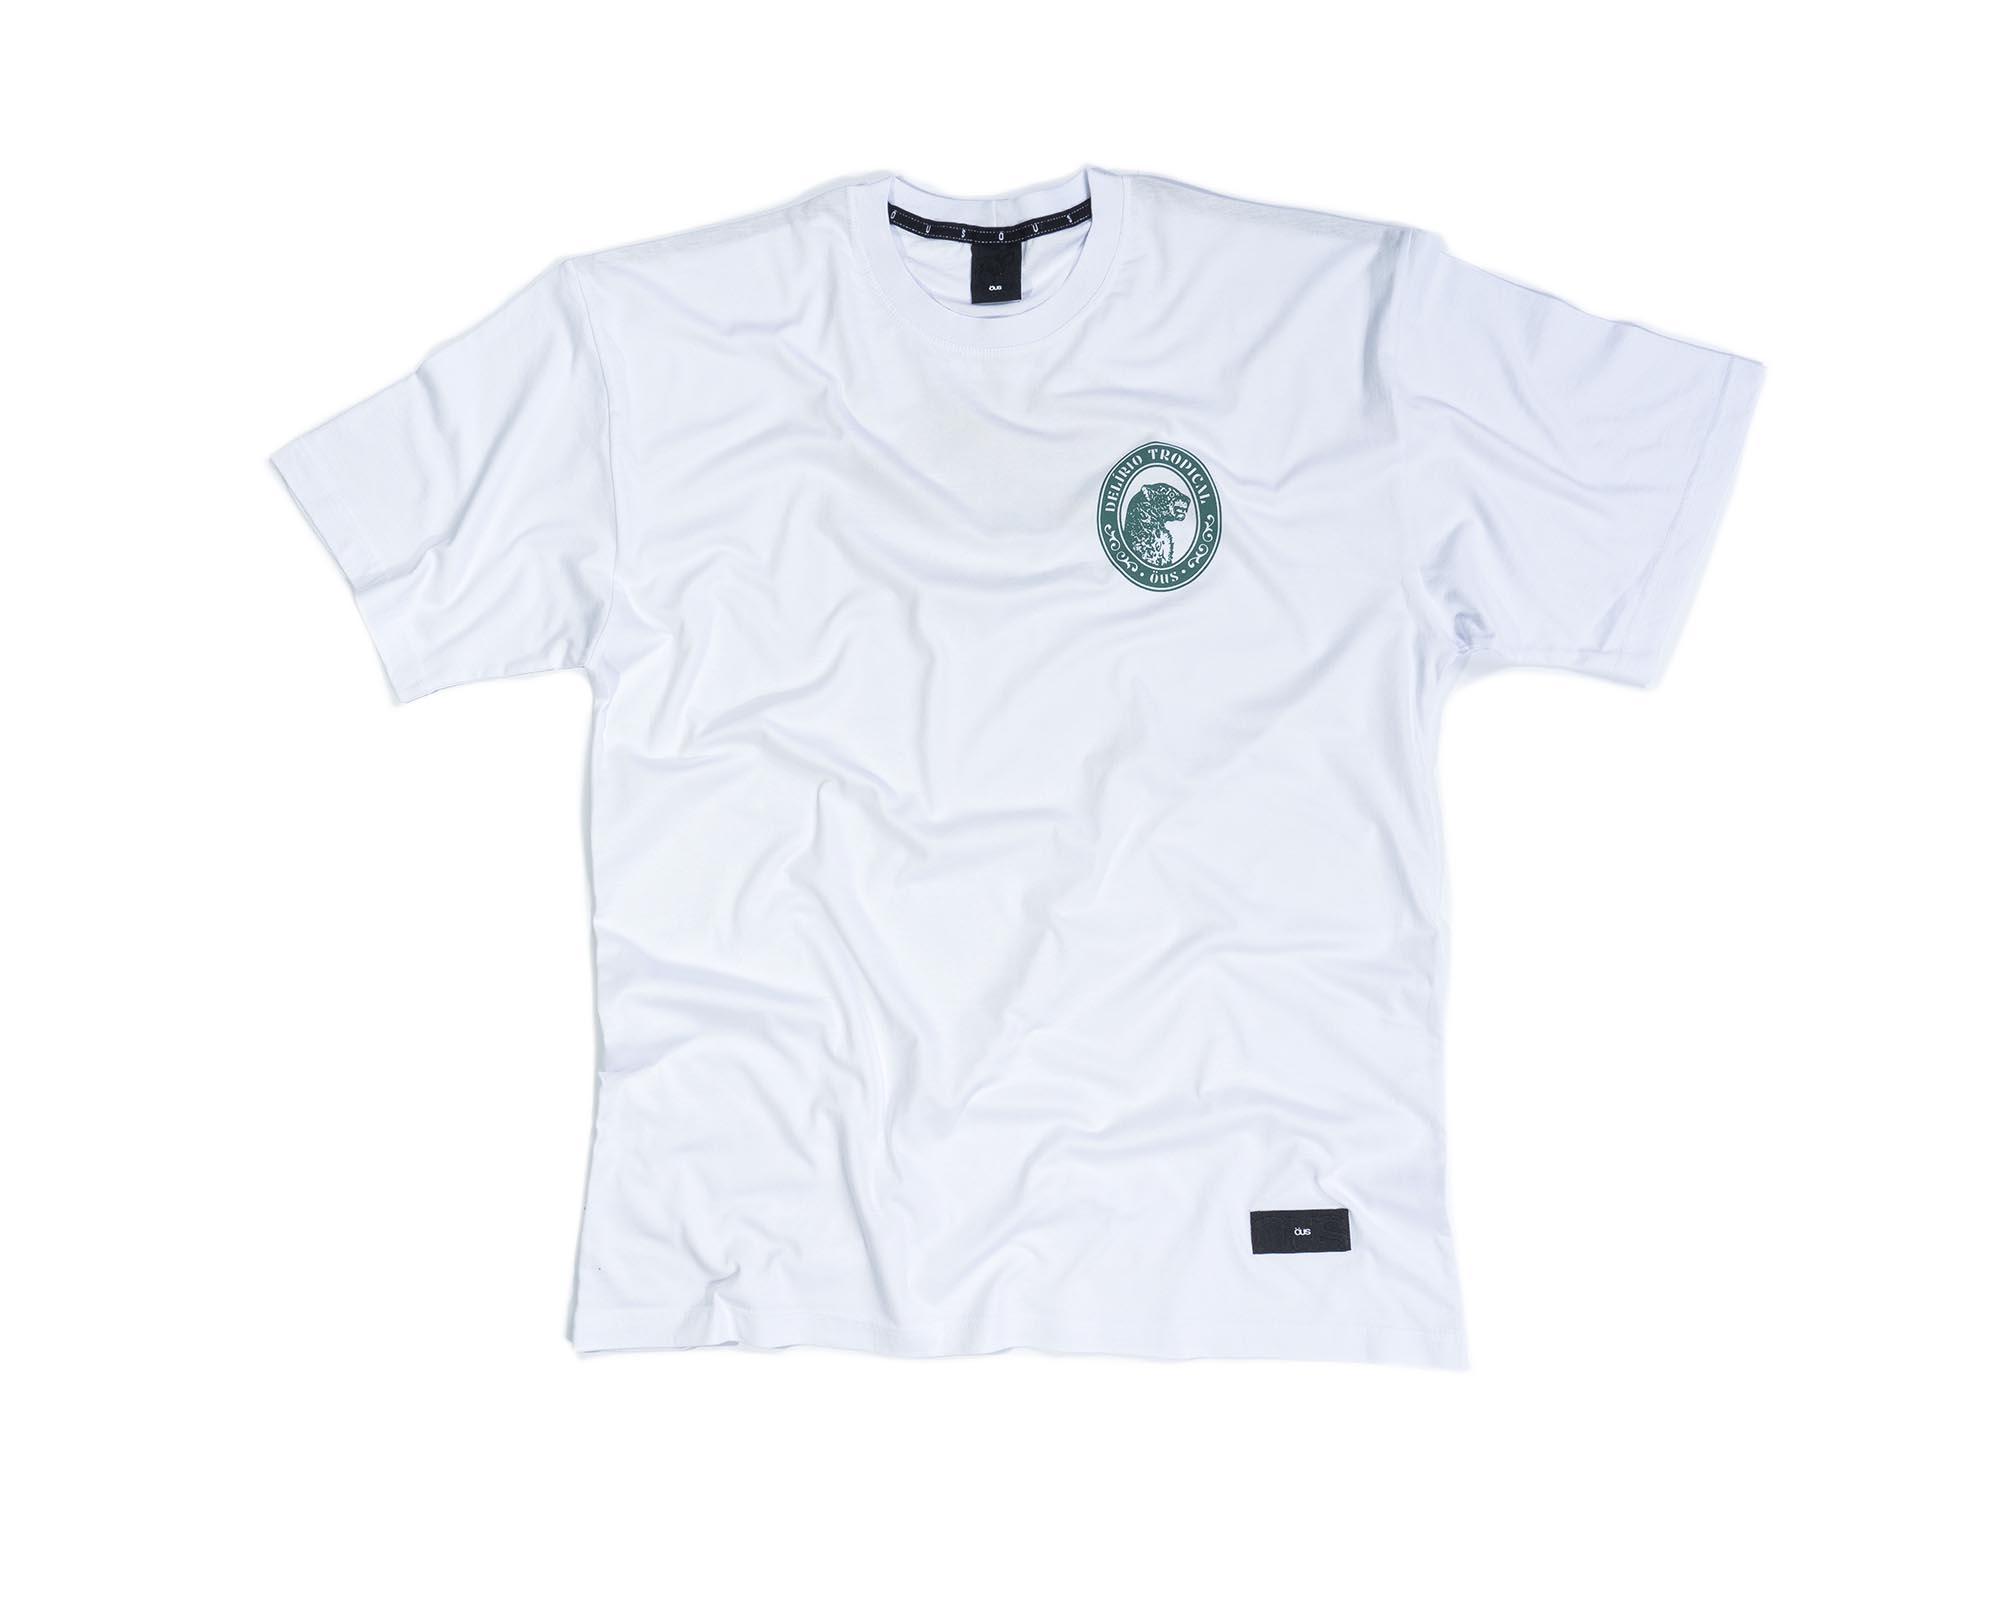 Camiseta ÖUS Amigo da Onça - Branco